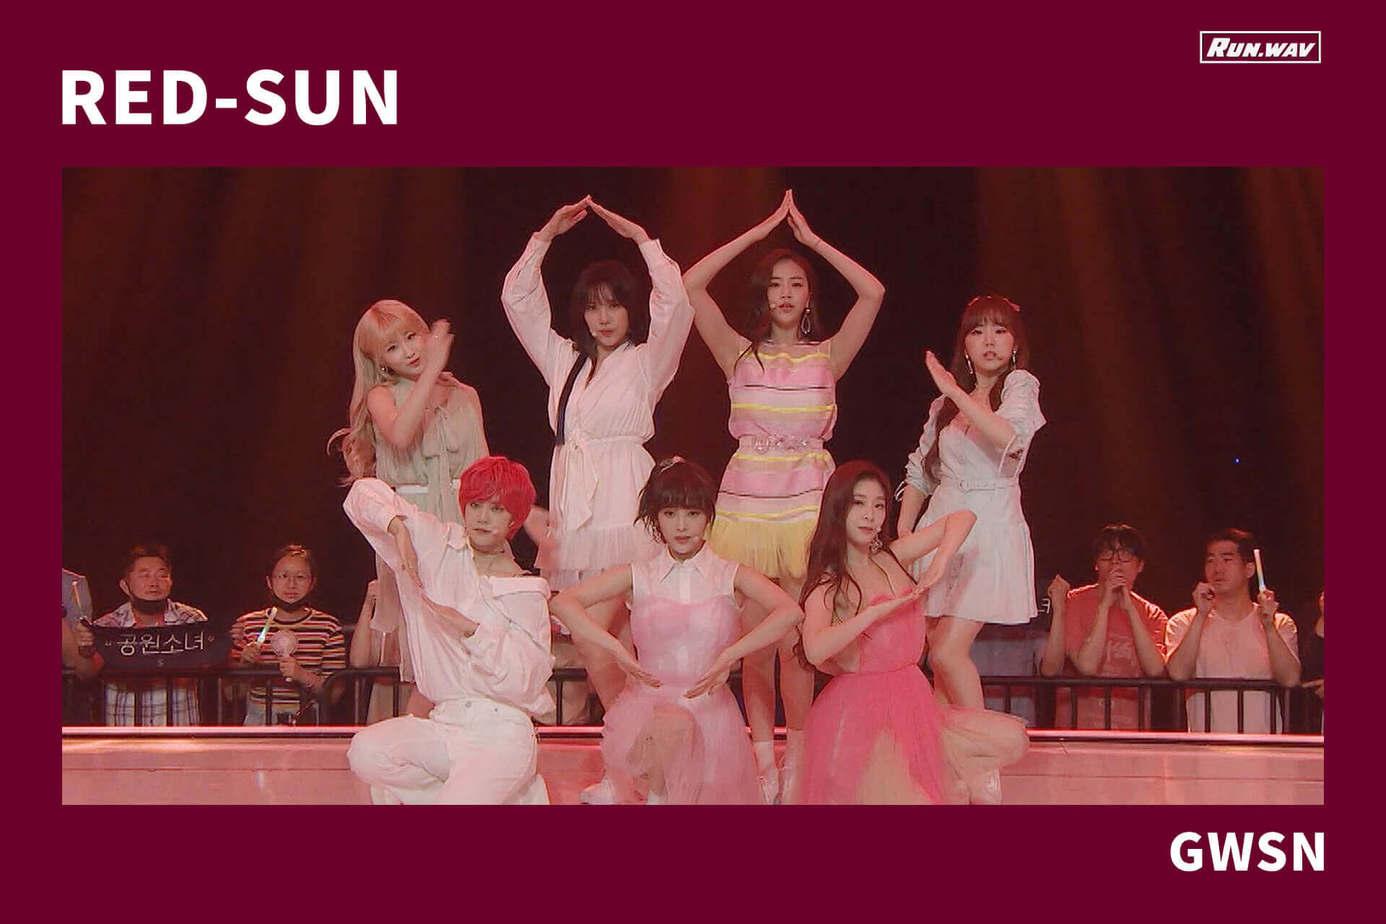 RED-SUN|GWSN